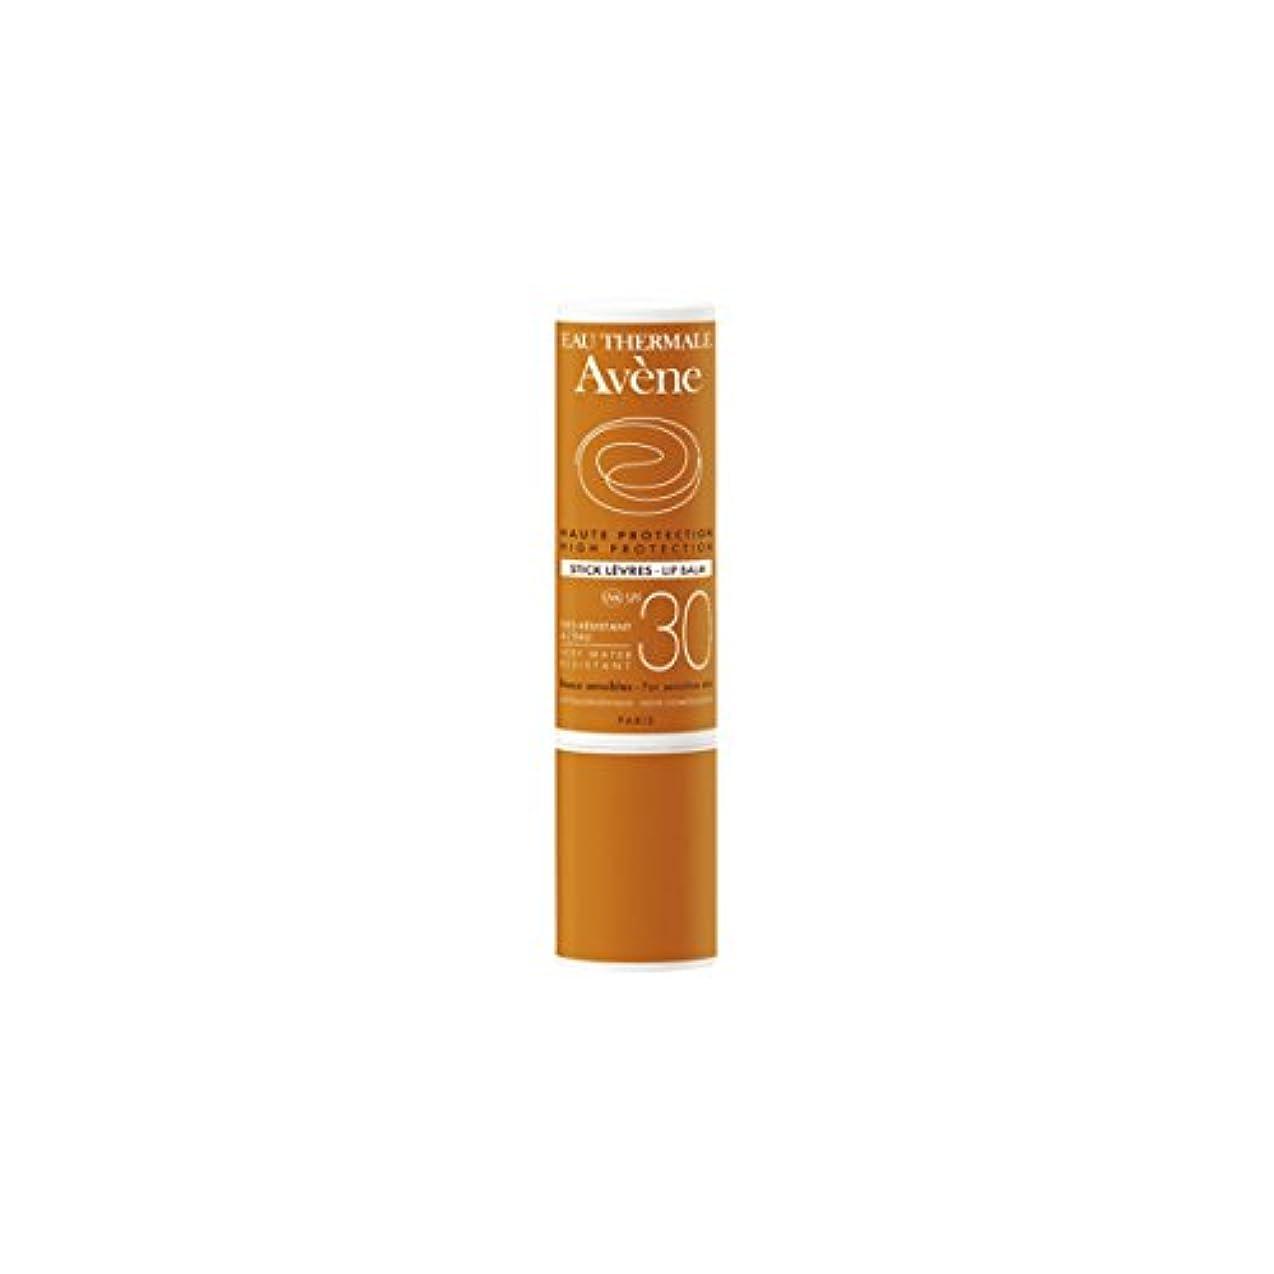 一瞬ちょうつがい接ぎ木Avene Sunscreen Lip Stick 30 3g [並行輸入品]